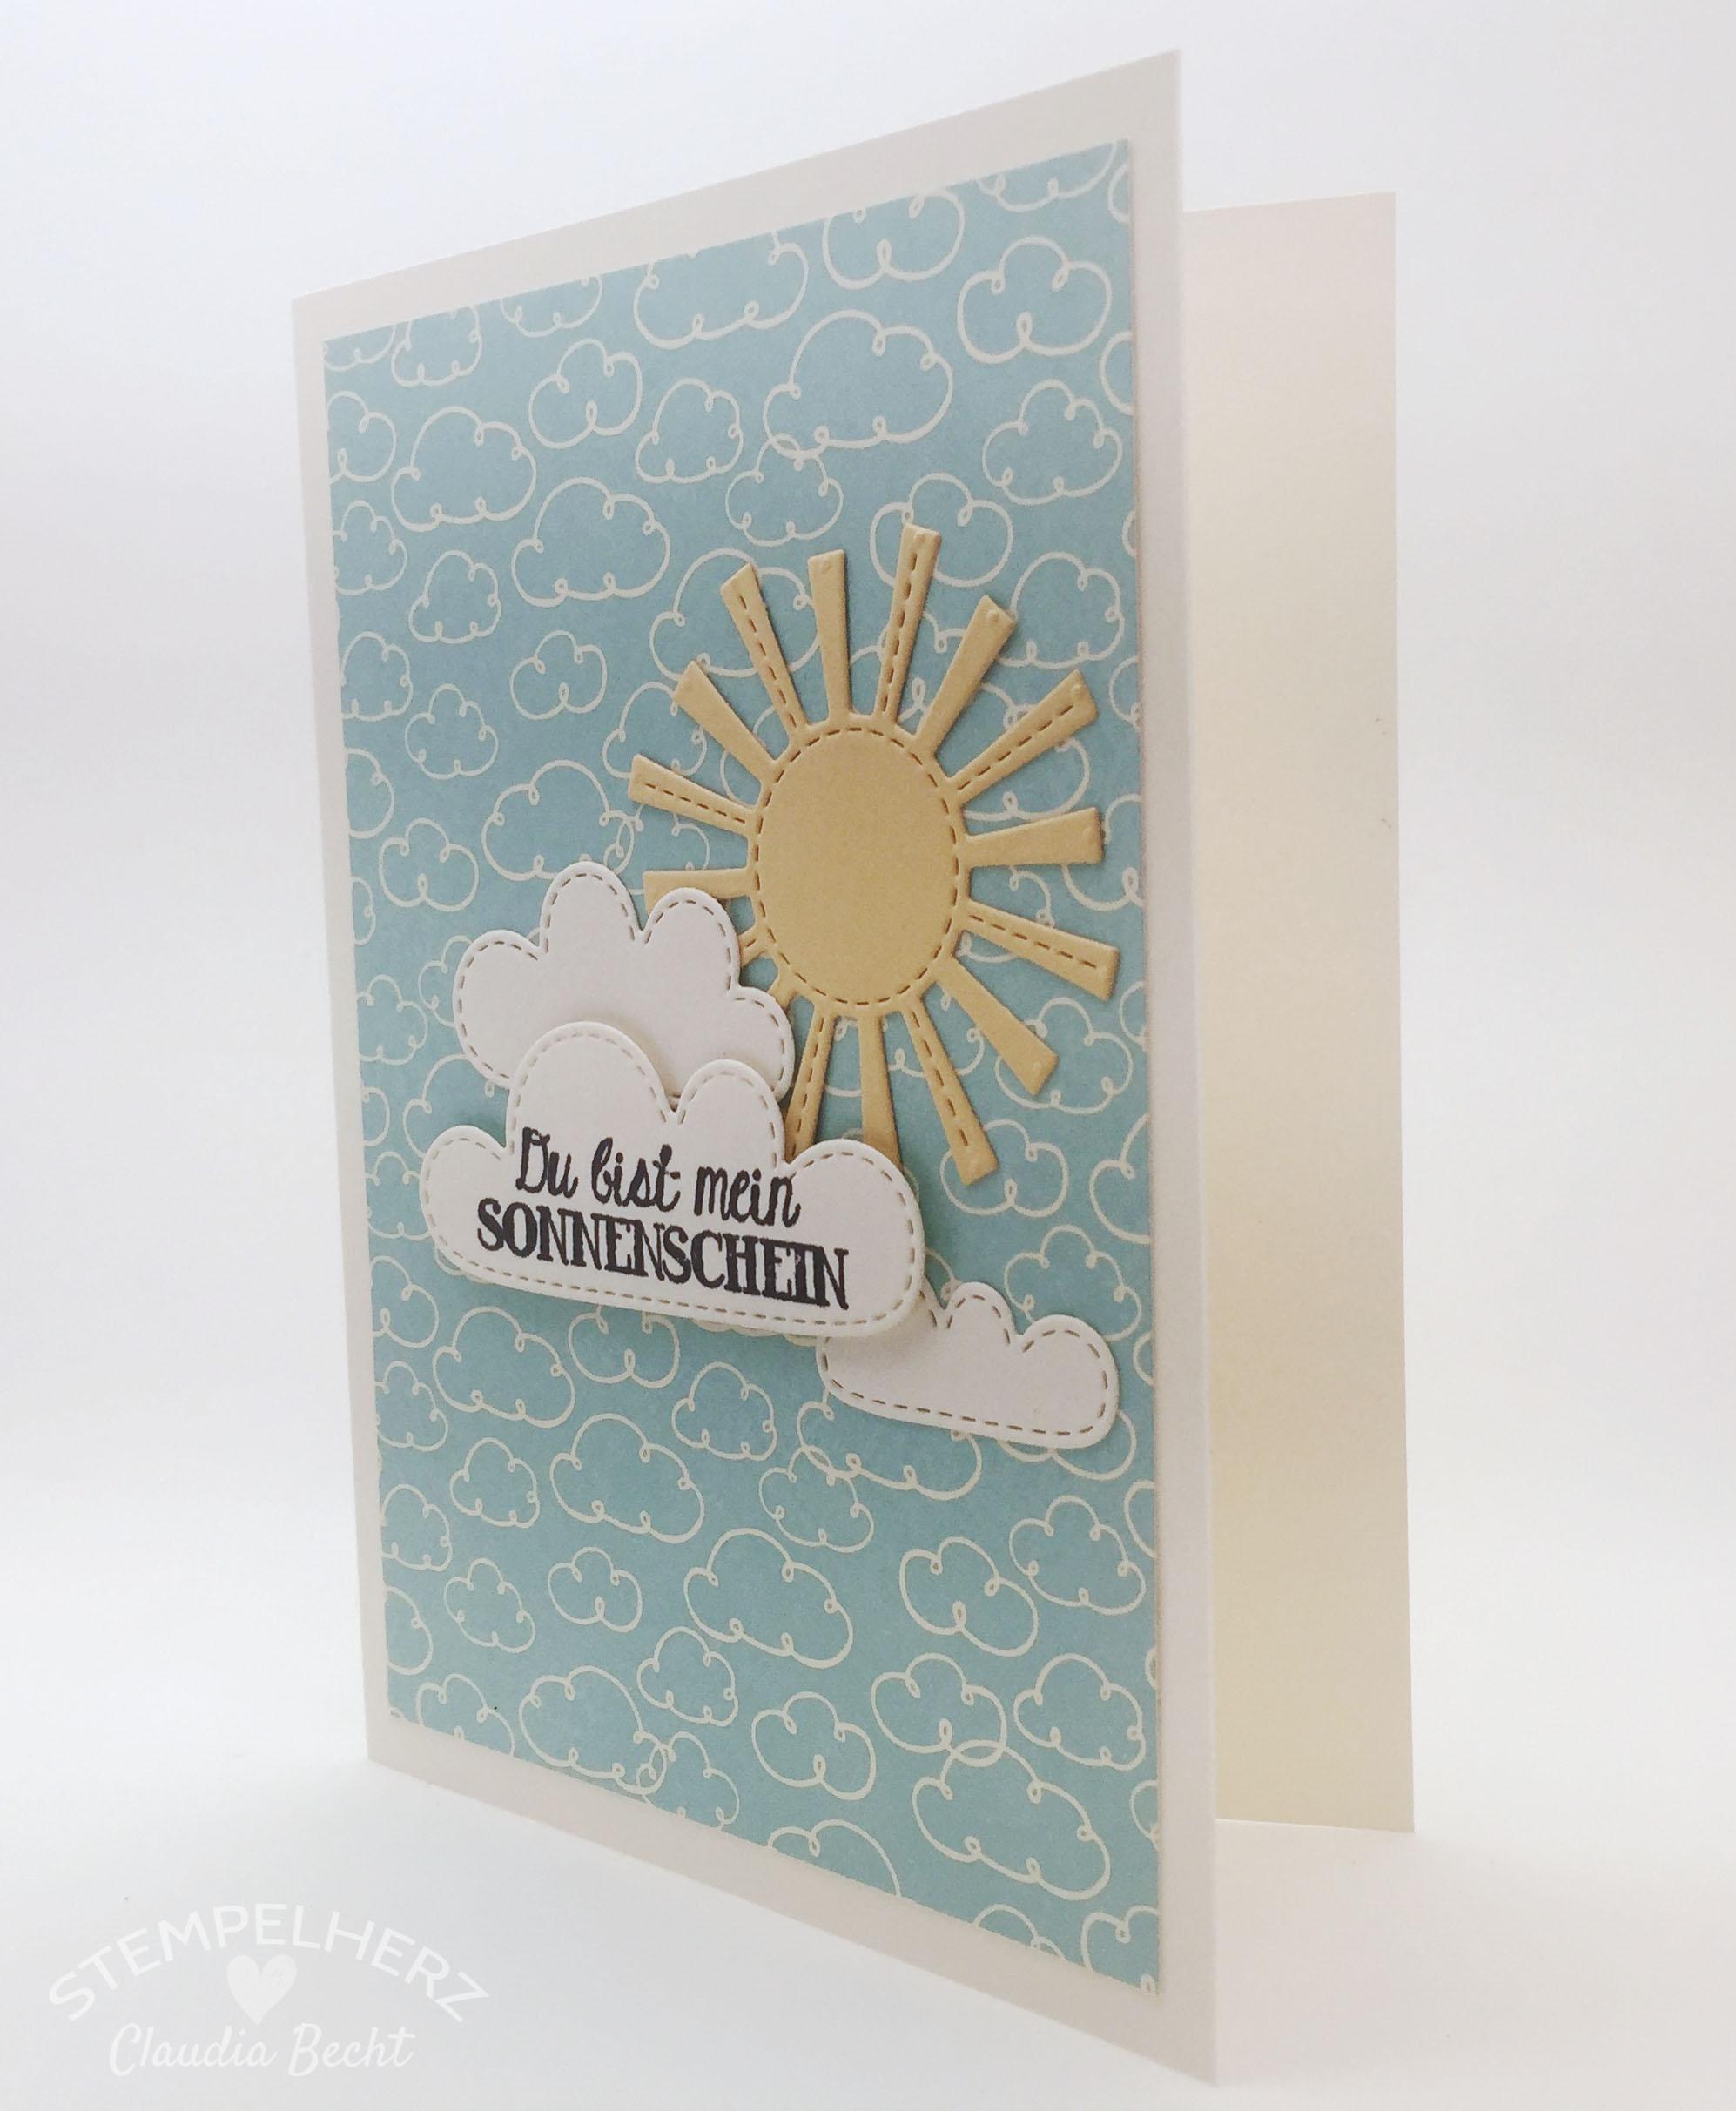 Stampin Up-Stempelherz-Grußkarte-Geburtstagskarte-Hinterm Regenbogen-Karte Du bist mein Sonnenschein 04b